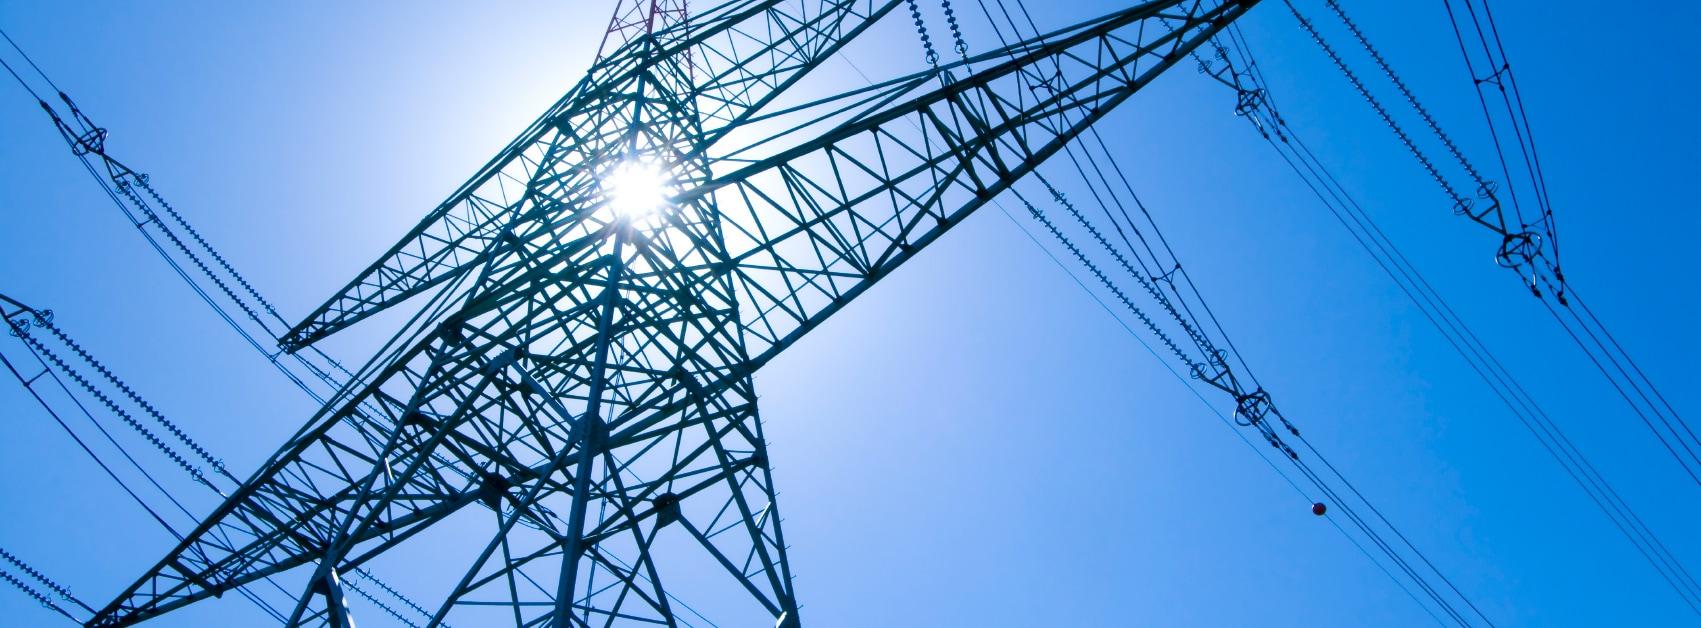 Prozesse anpassen bei Energieuntermnehmen - Hochspannungsleitung